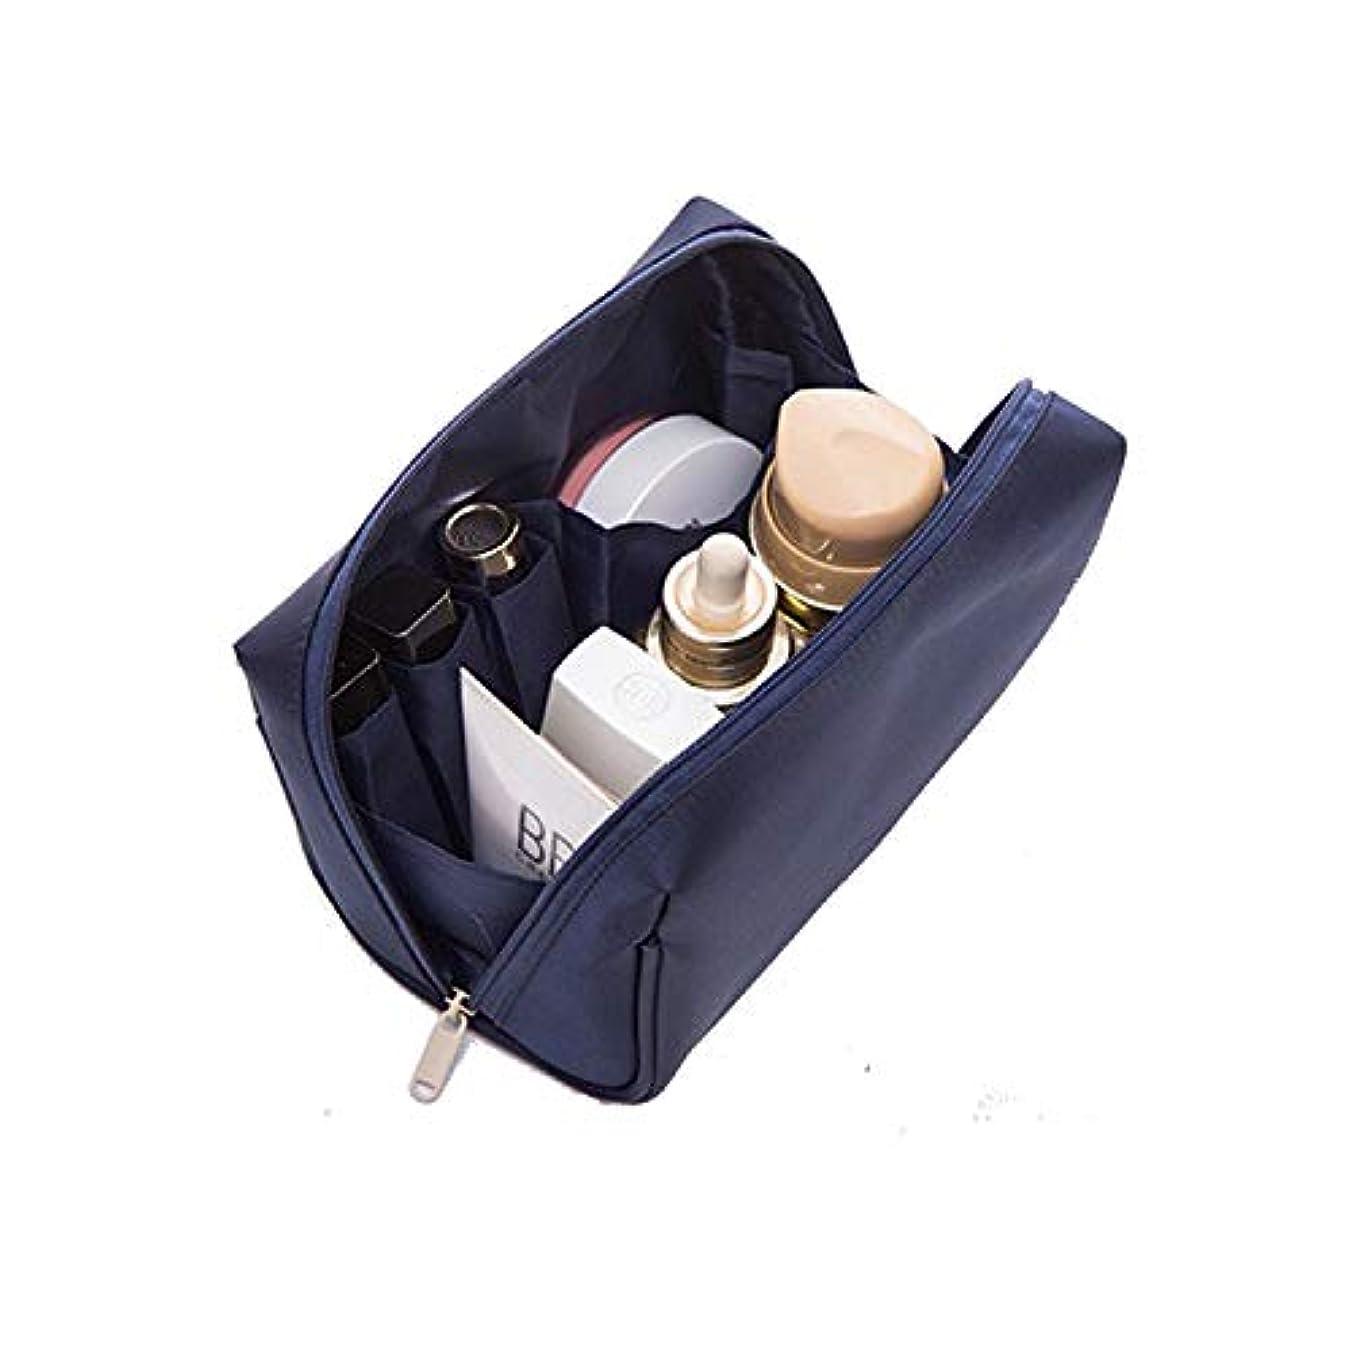 タックカバレッジ歯科医化粧ポーチ 小物入れ コスメポーチ 化粧 メイク ポーチ 多機能防水 大容量